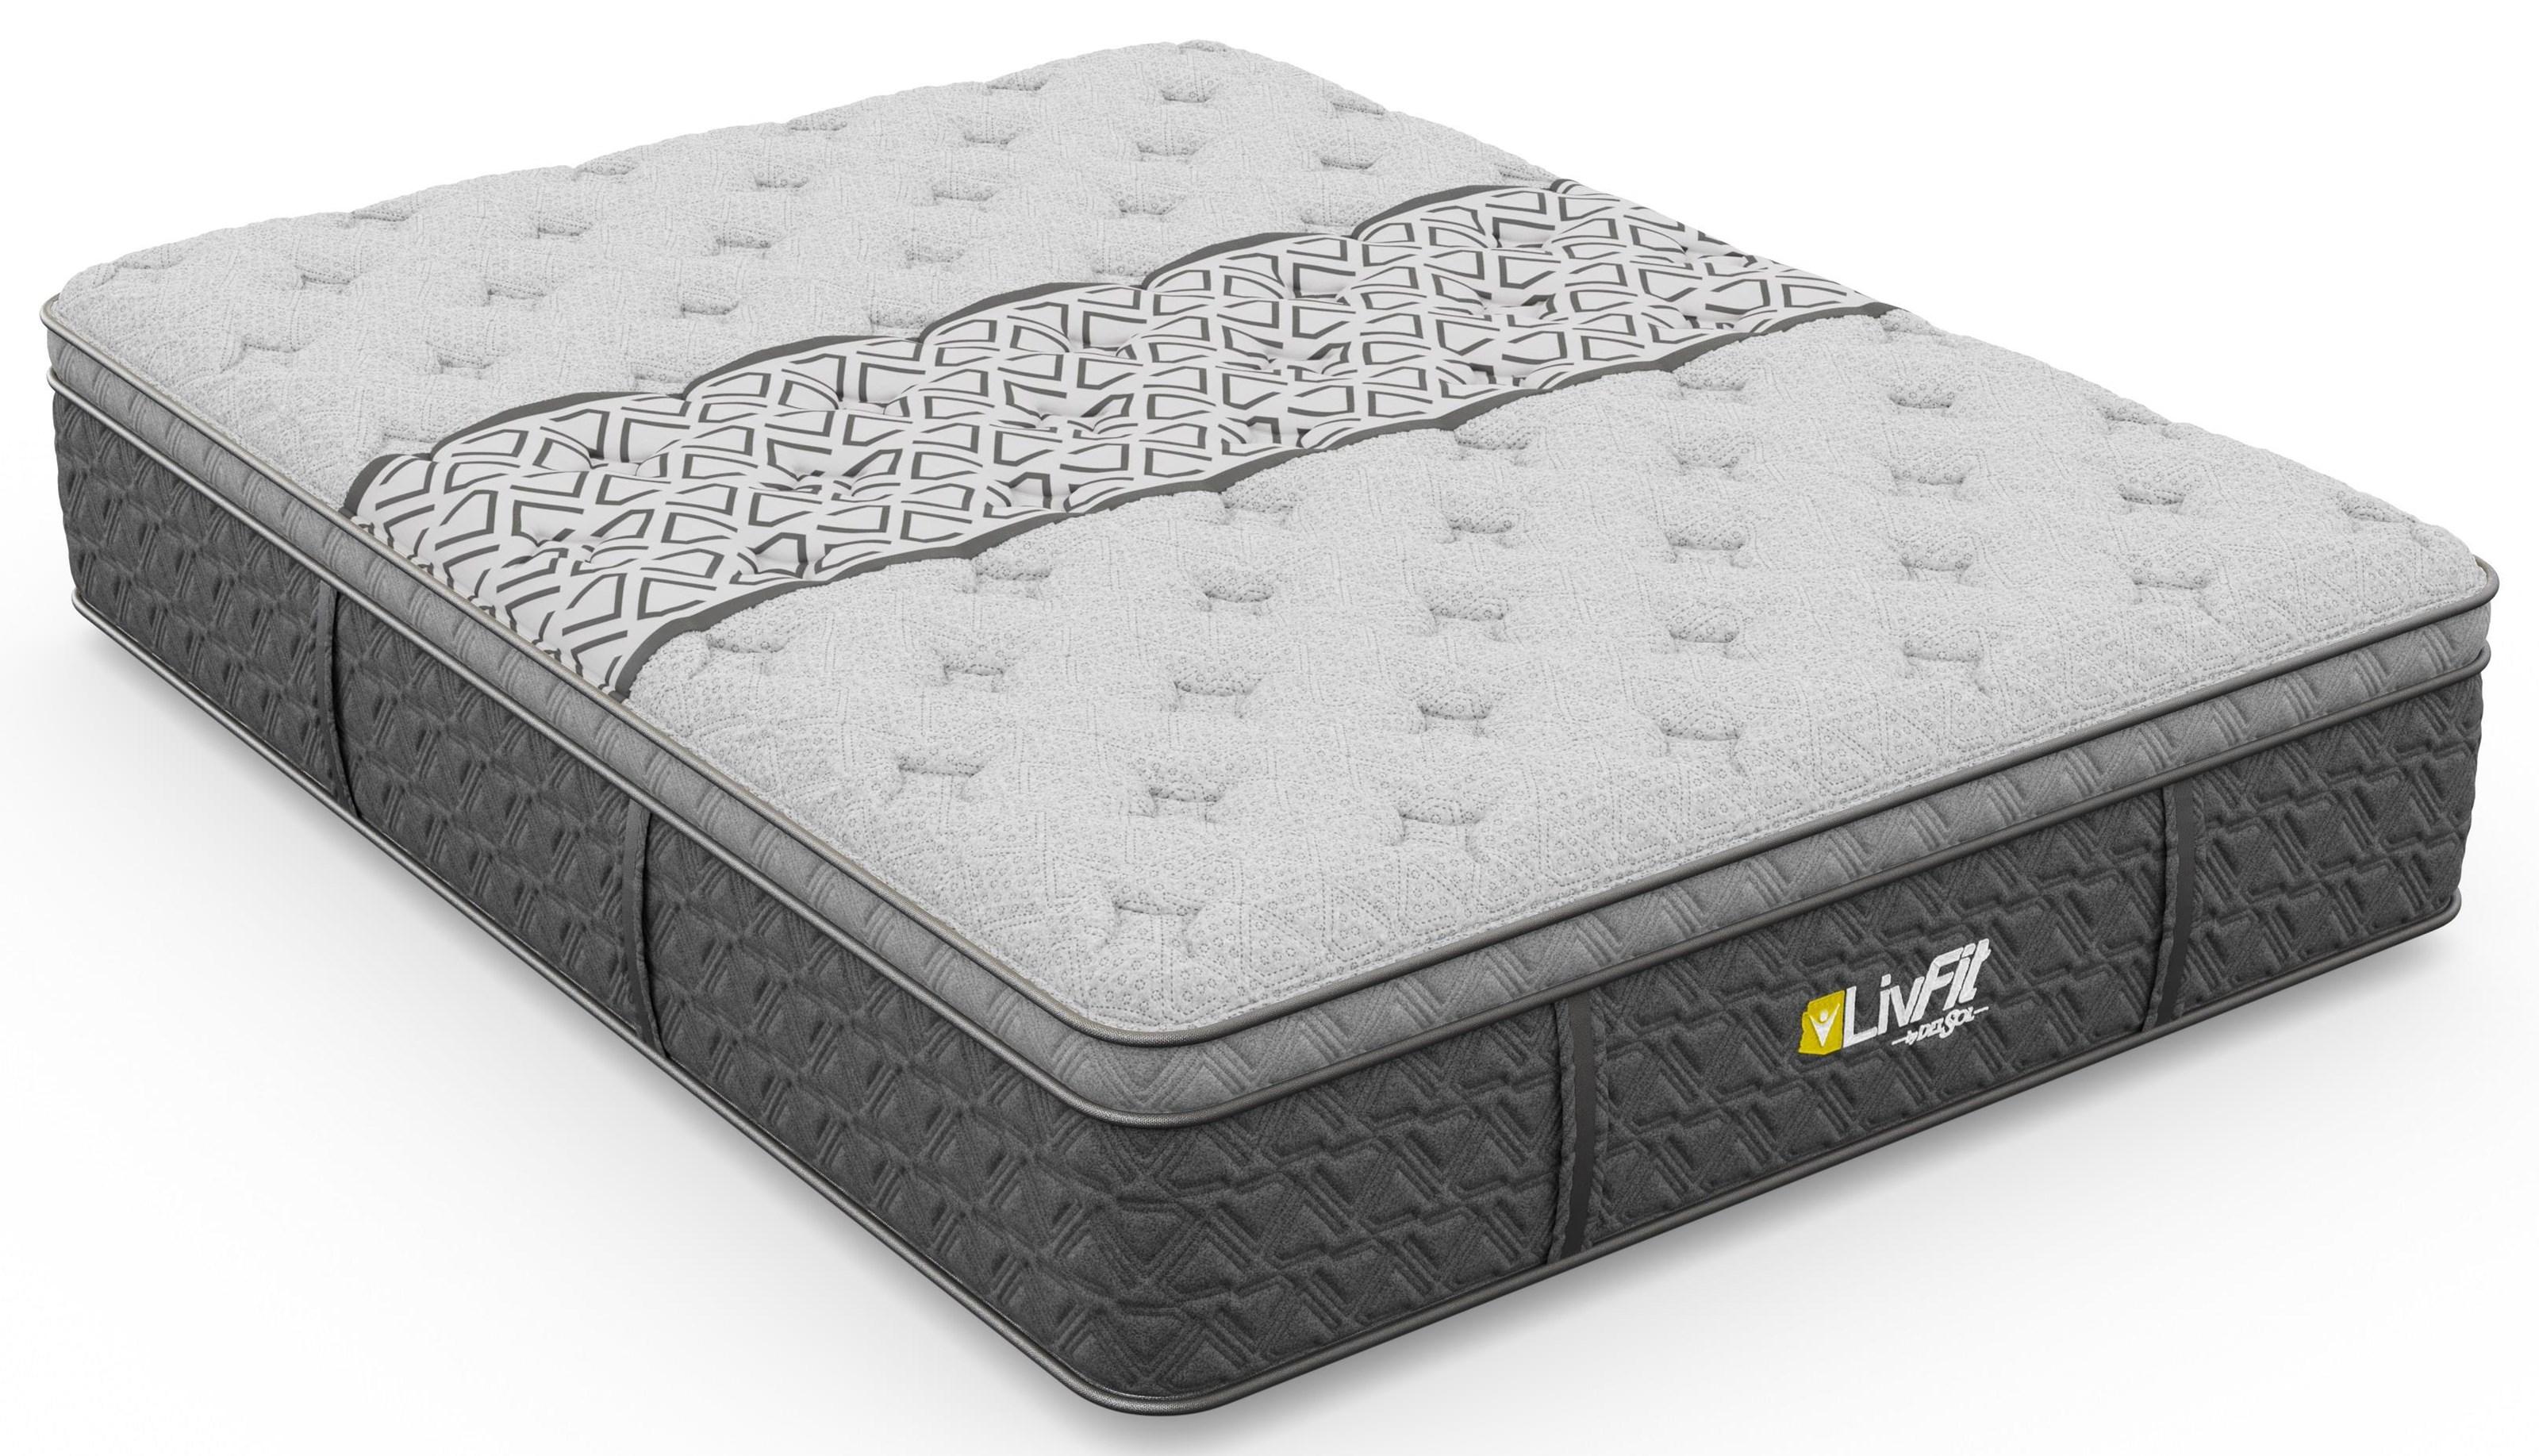 """LivFit Firm Euro Top Queen 14"""" Firm Euro Top Mattress by Sleep Shop Mattress at Del Sol Furniture"""